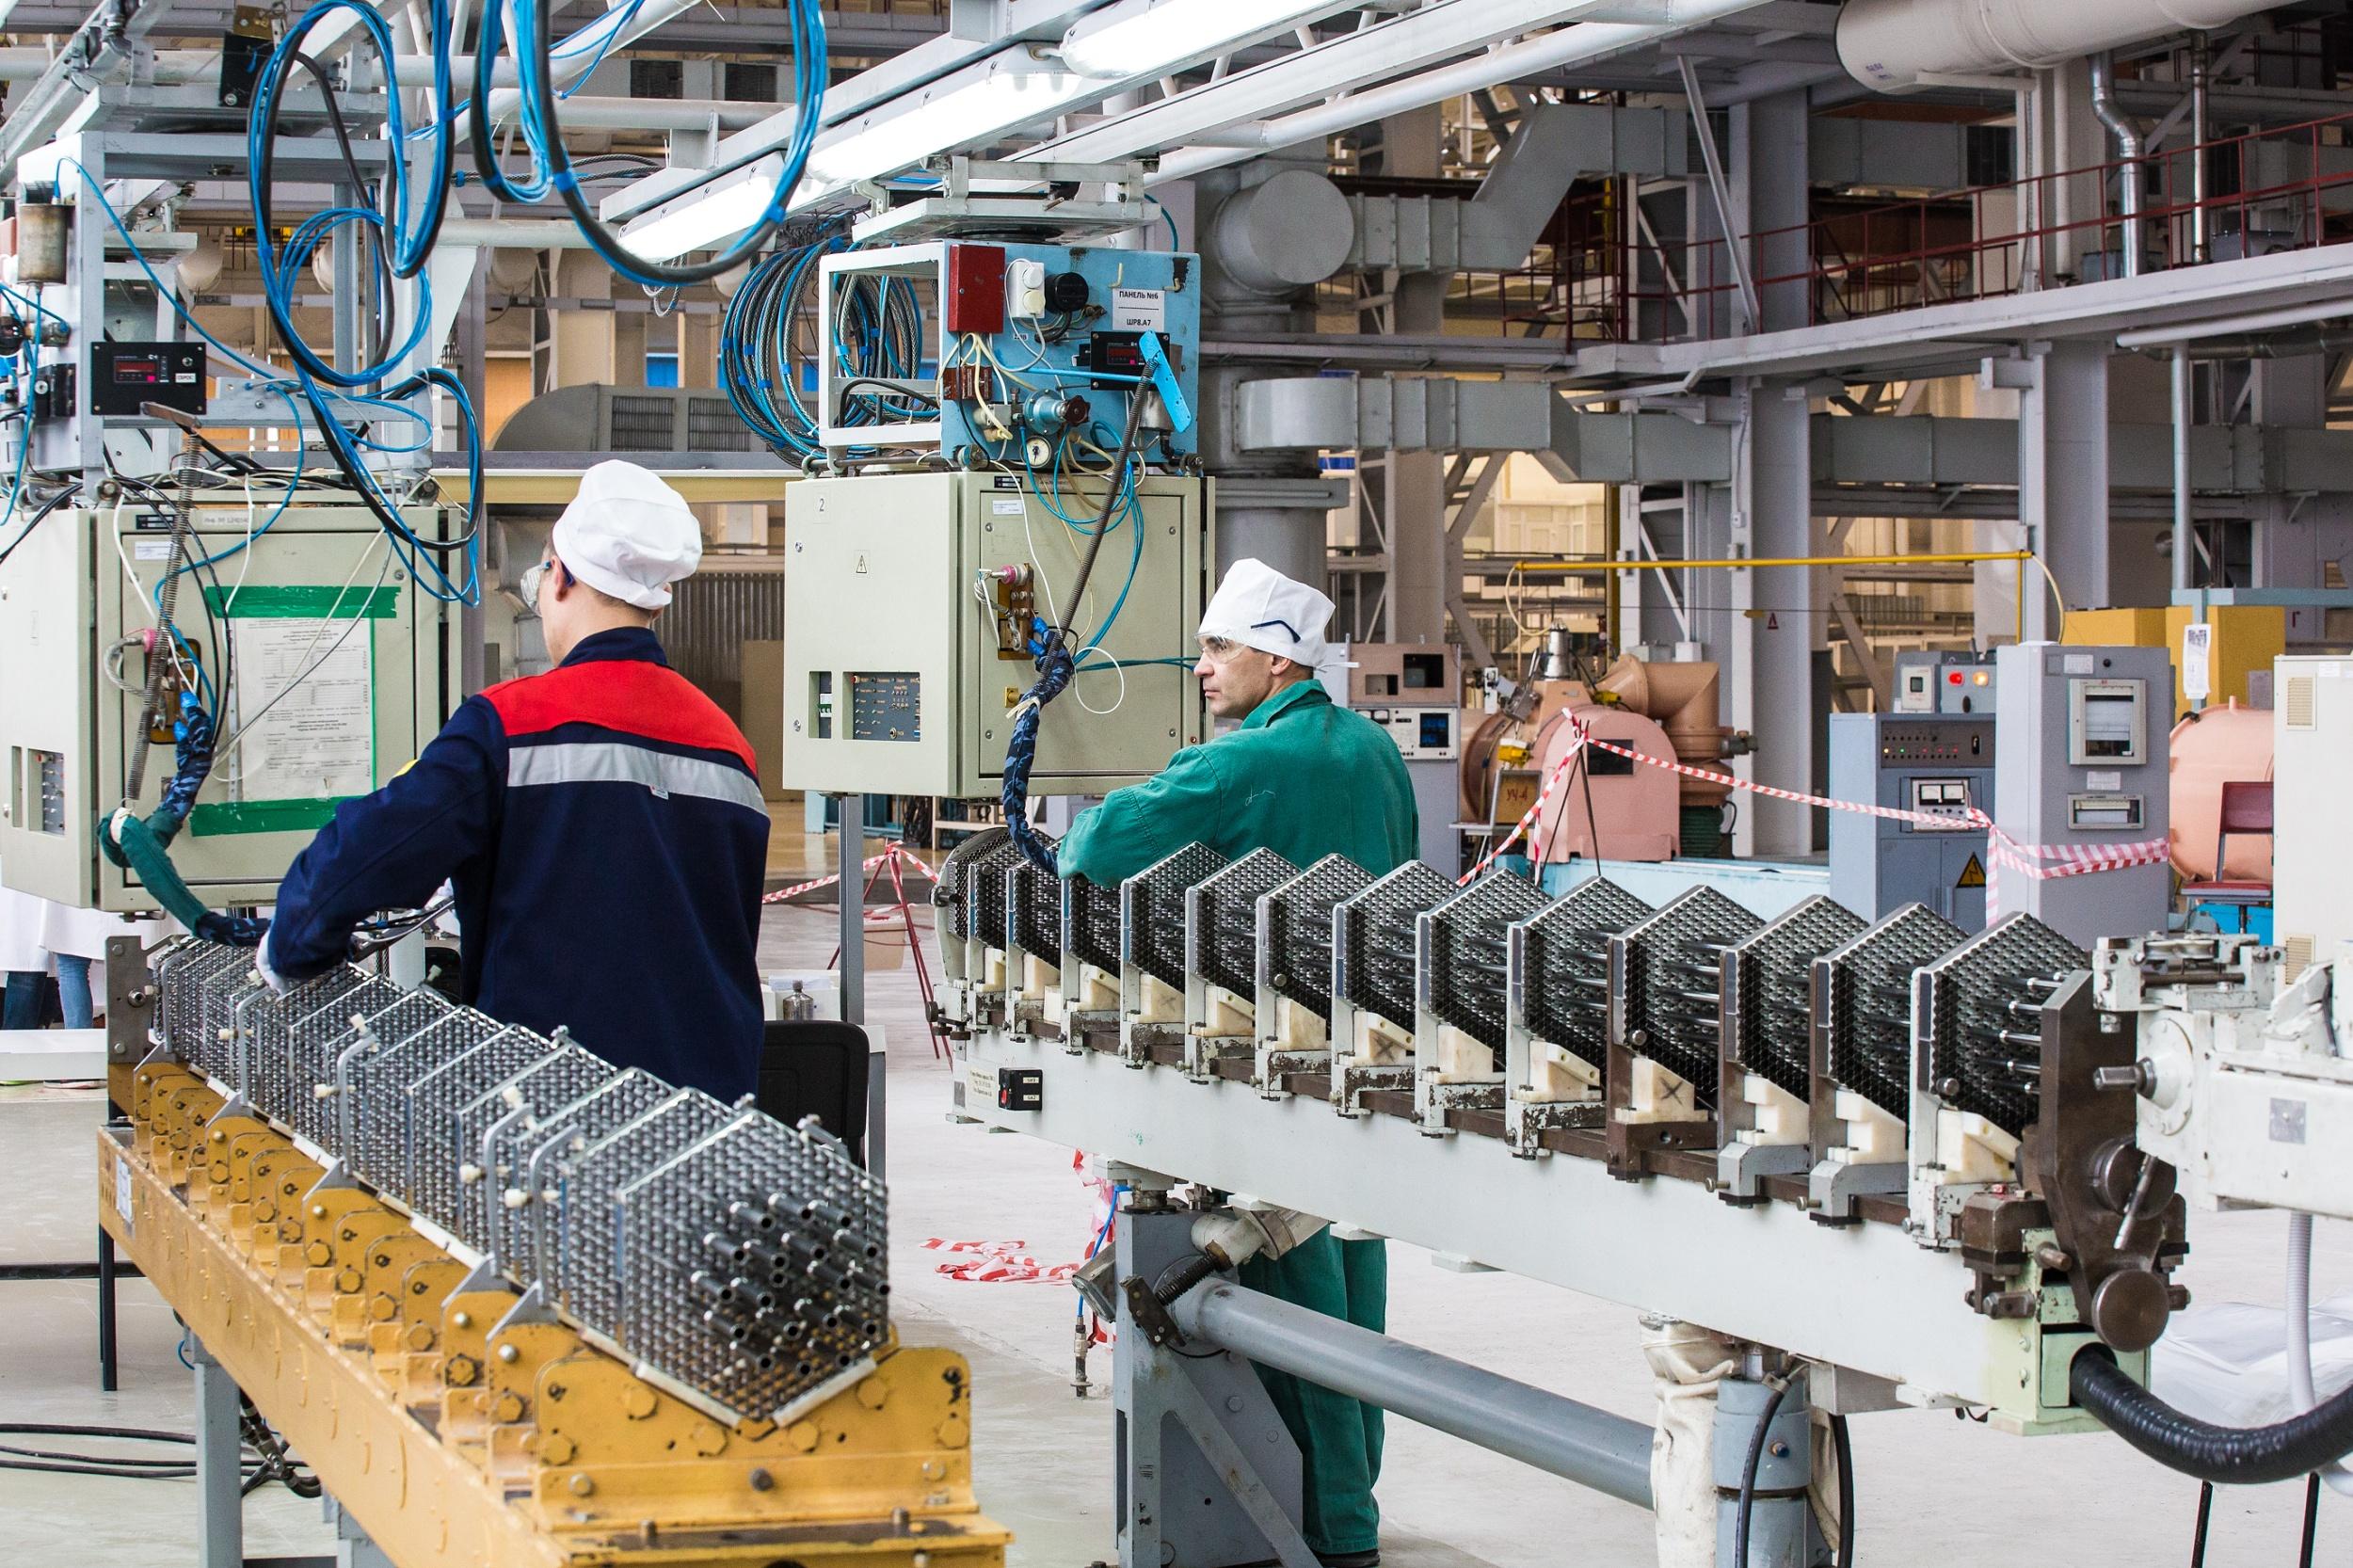 jaderná energie - TVEL dodal Číně stroje na výrobu jaderného paliva ruské konstrukce - Zprávy (Výroba paliva pro reaktory VVER 1000 v TVELu) 4